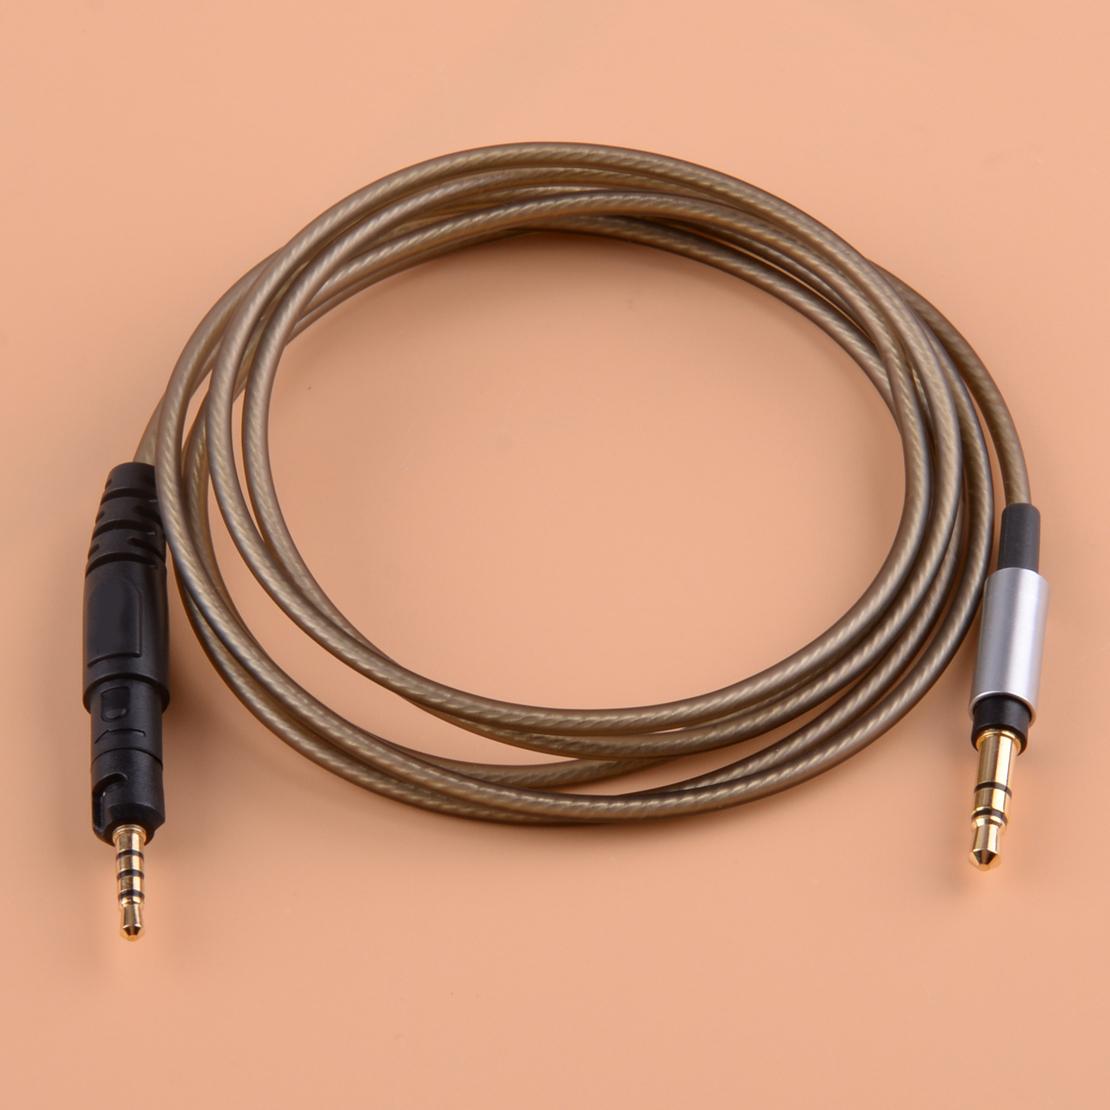 Kabel für Audio Technica ATH-M50x Kopfhörer ATH-M40x ATH-M70x Fernlautstärke